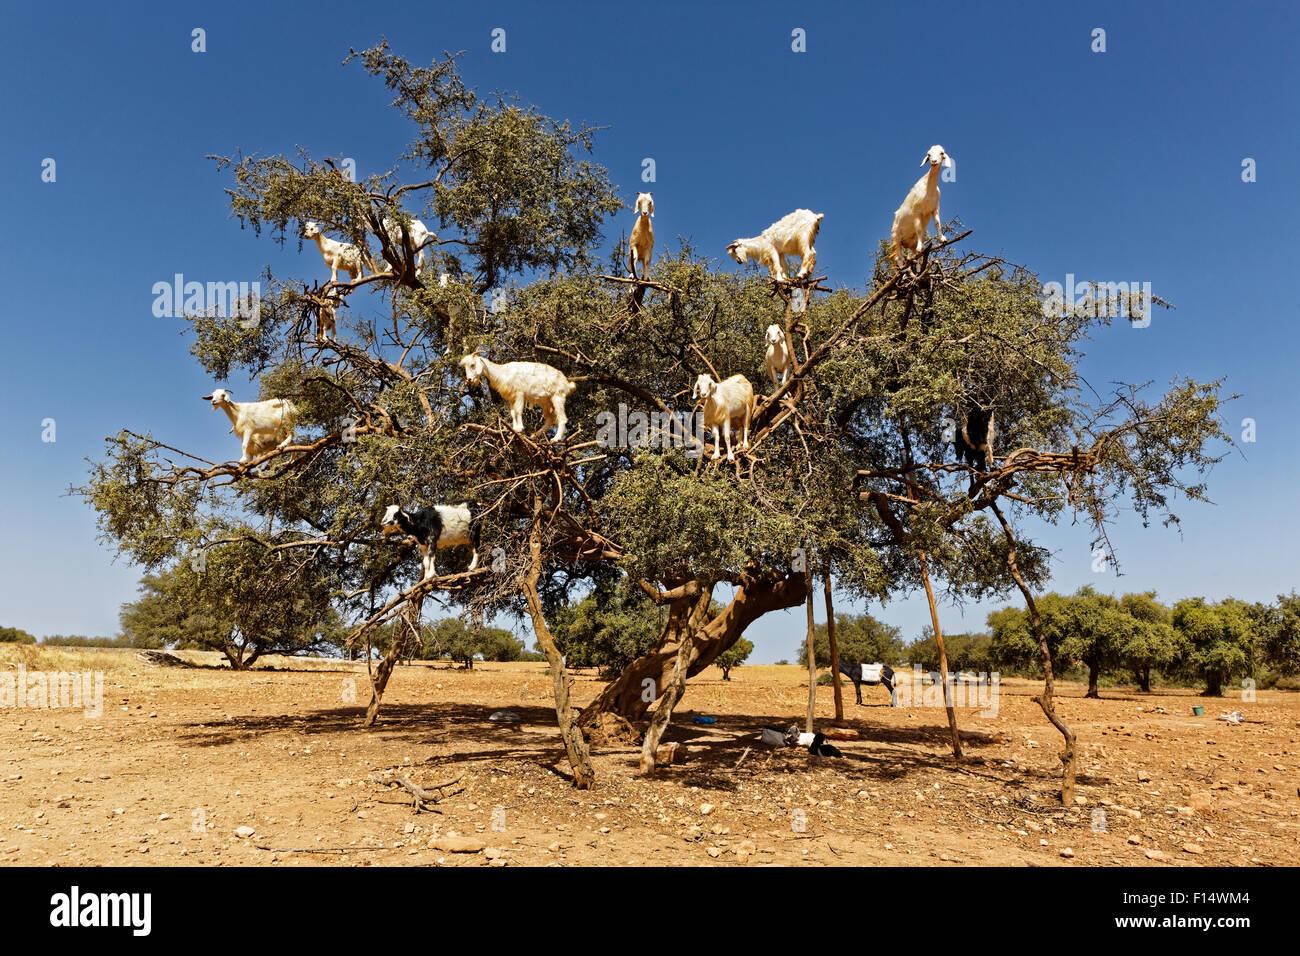 Arganiers et les chèvres sur le chemin entre Marrakech et Essaouira au Maroc.L'huile d'Argane est produite Photo Stock